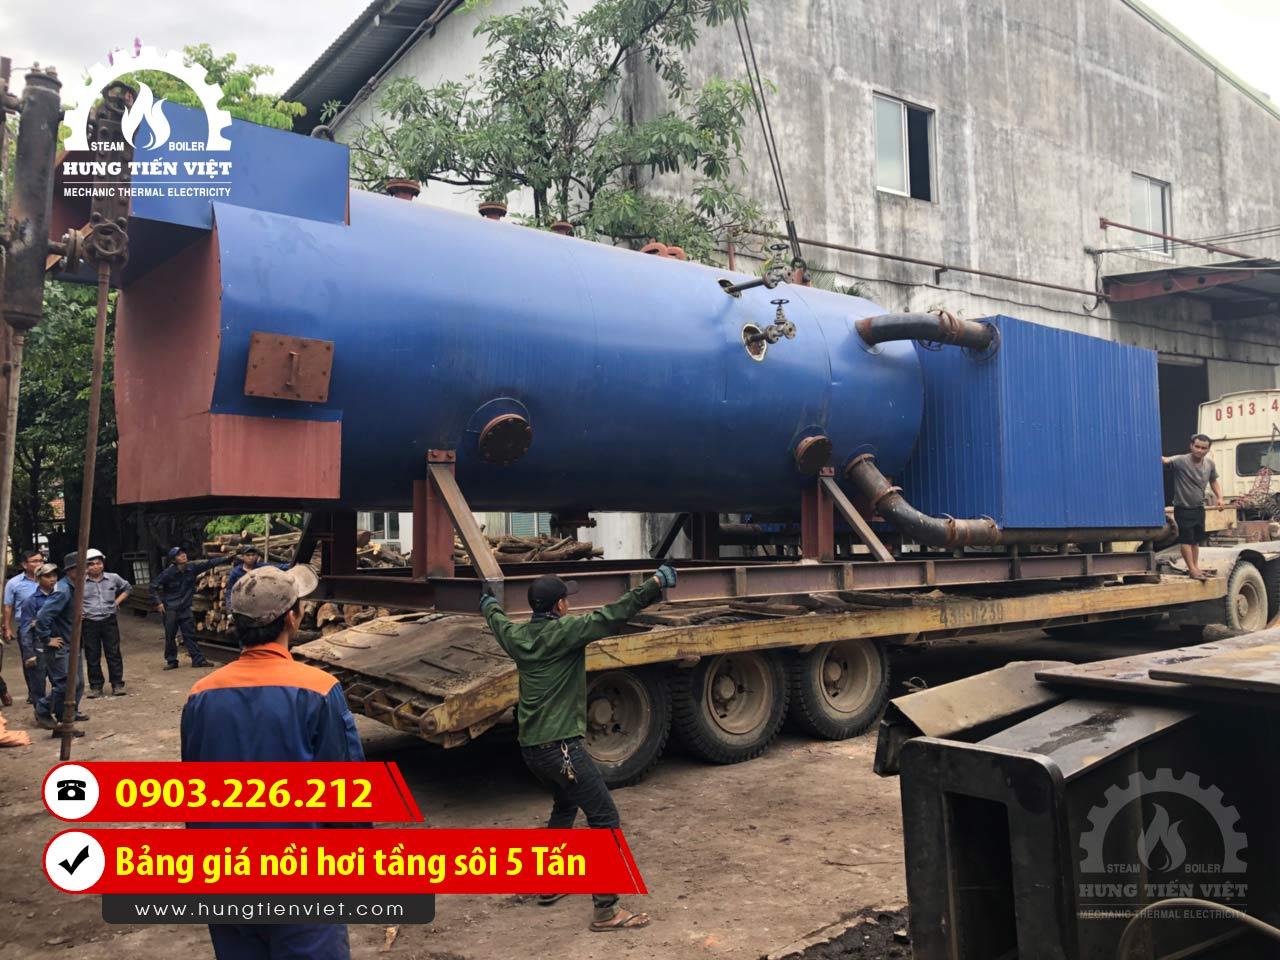 Bảng báo giá nồi hơi tầng sôi 5 tấn - lò hơi tầng sôi 5 tấn công nghệ mới và dịch vụ thiết kế - chế tạo - lắp đặt trọn gói. Gọi ☎ 0903.226.212 #noihoitangsoi #lohoitangsoi #noihoi #lohoi